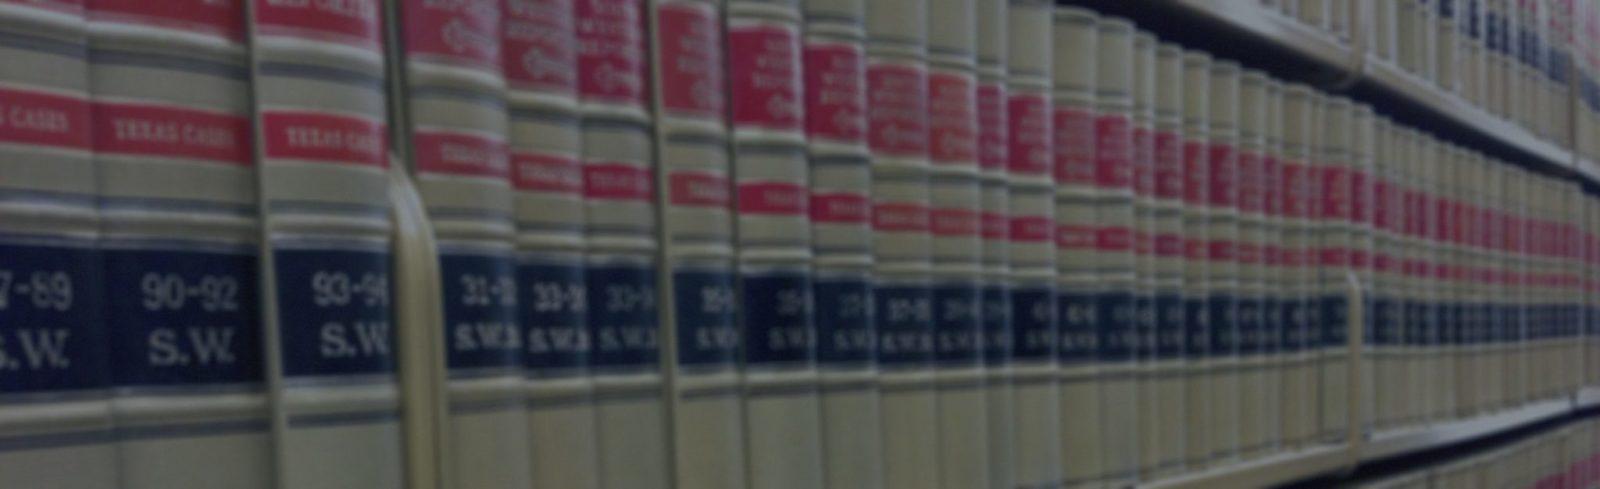 Aviso legal en Colaboració